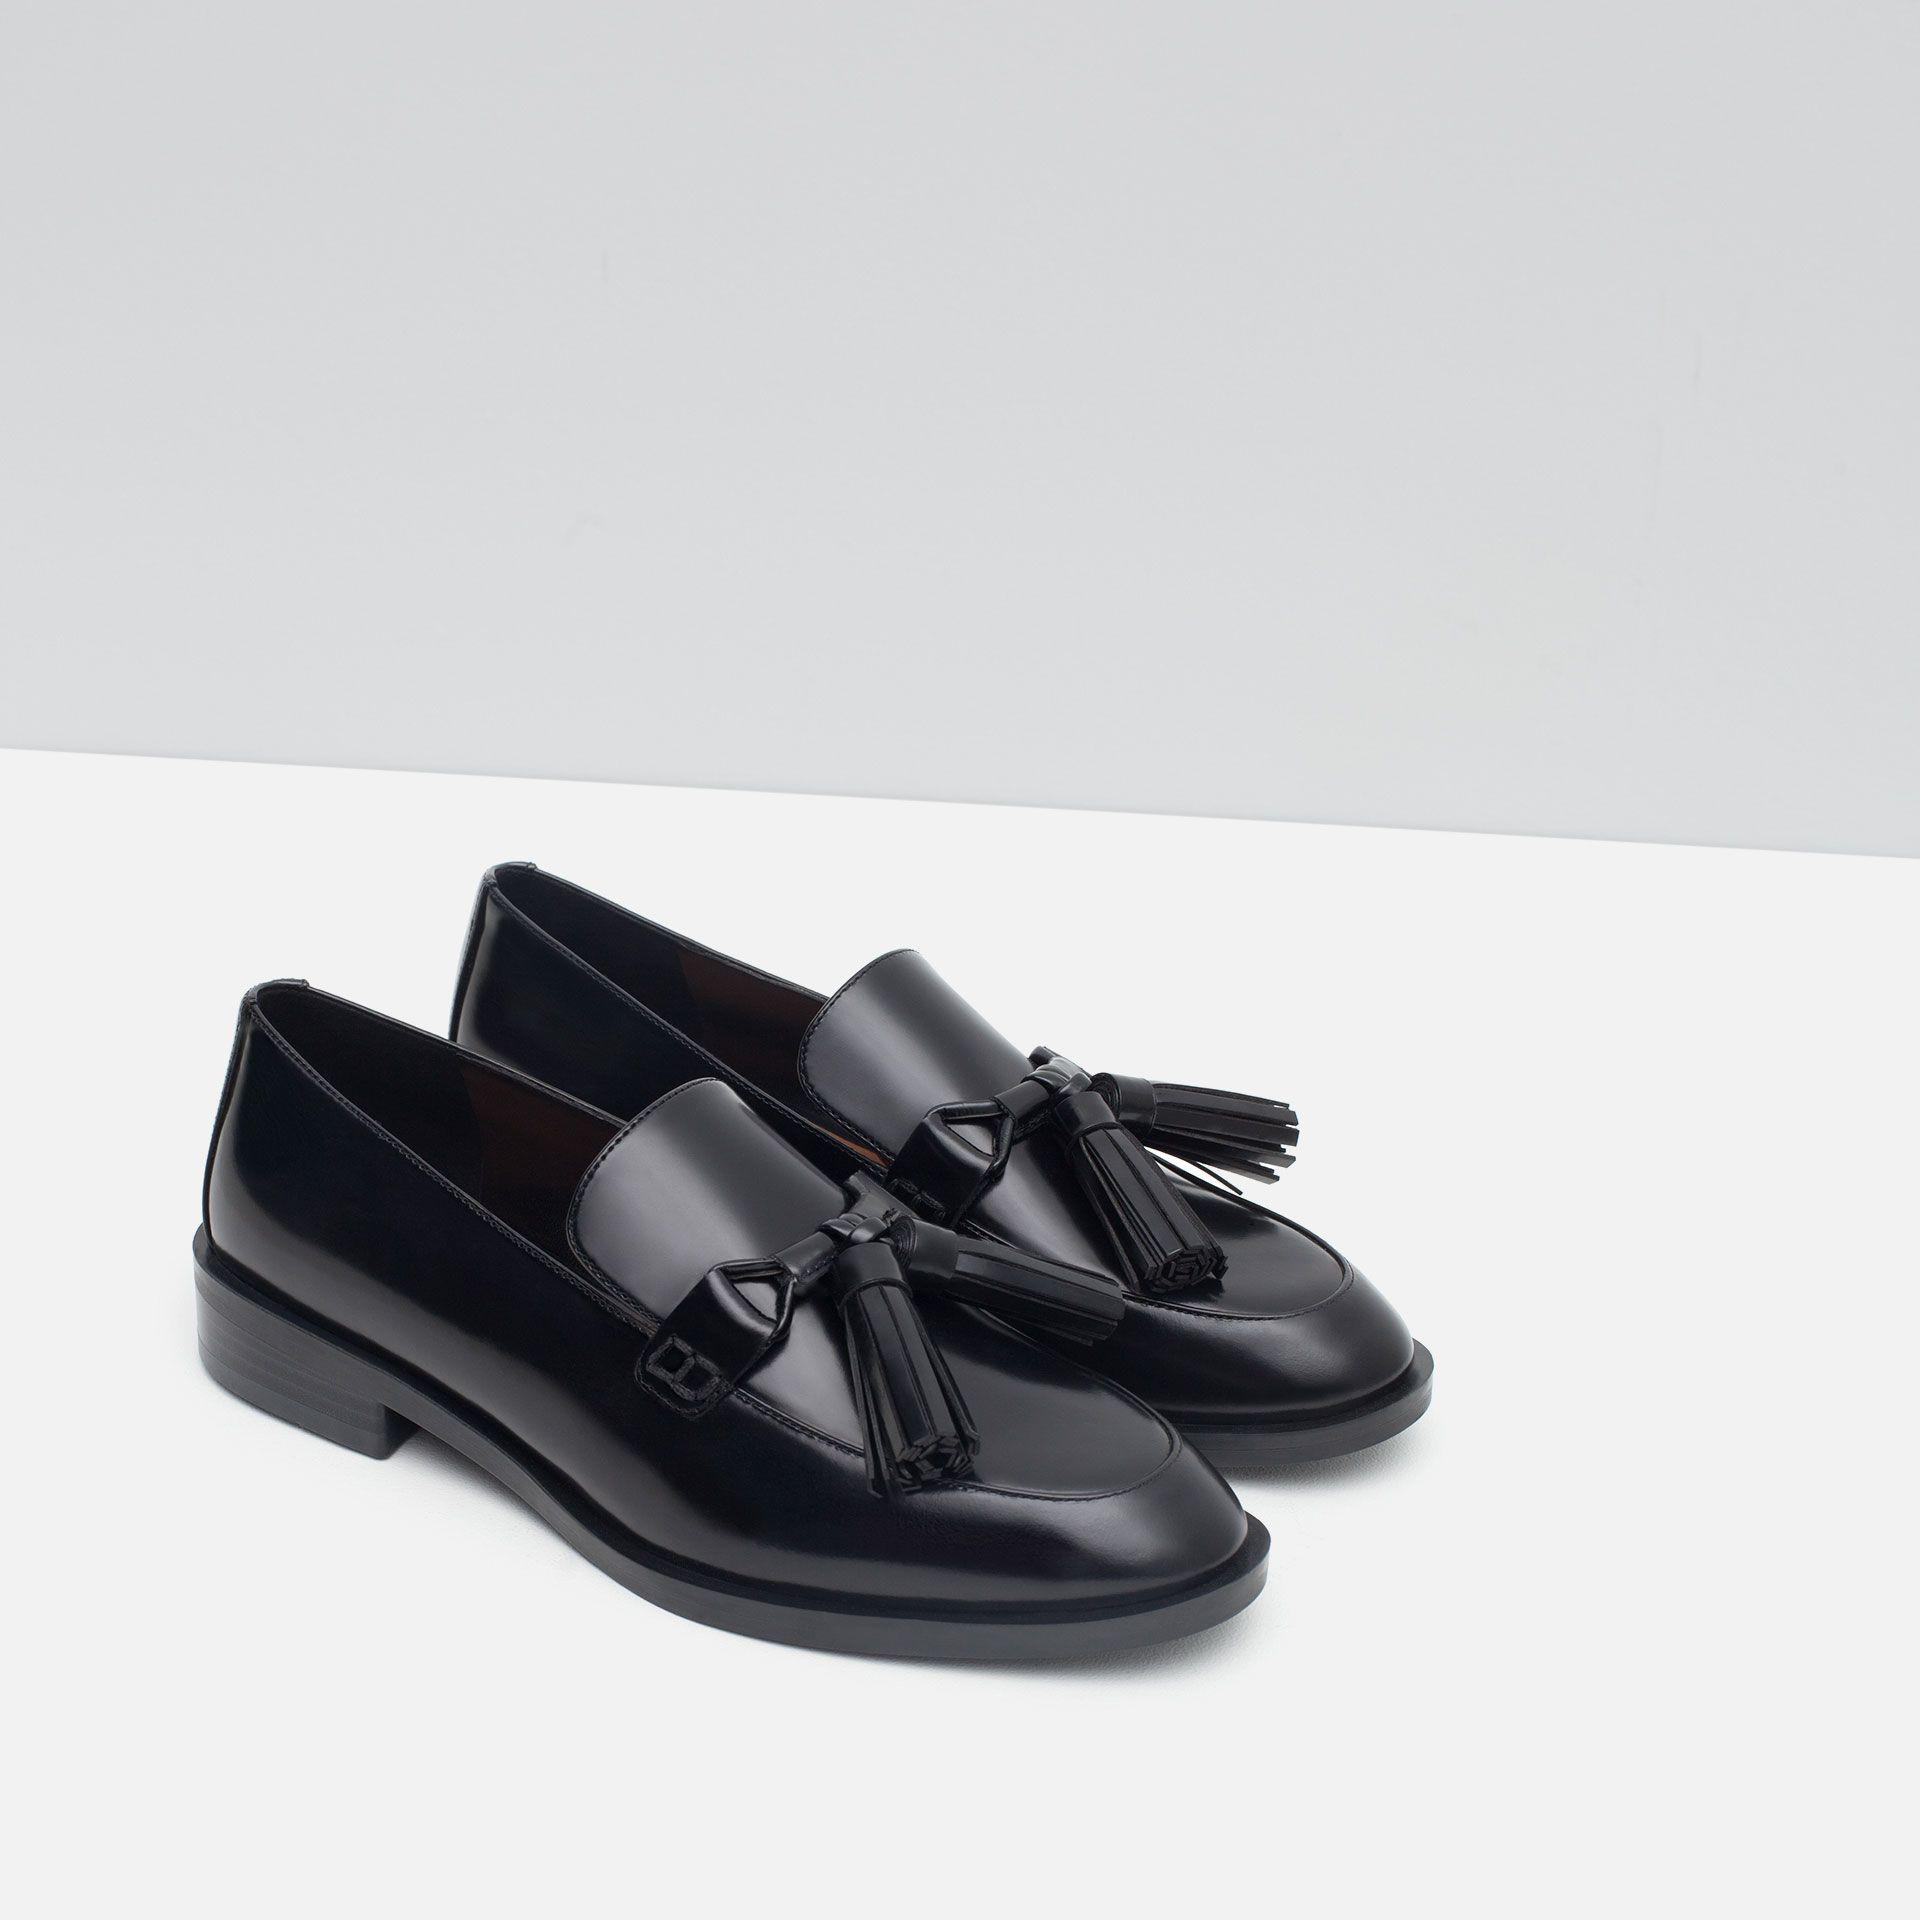 Chaussures En Cuir Coupe-bas Mercure Bas - Chaussures De Sport Pour Les Hommes / Champion Noir ZisRH